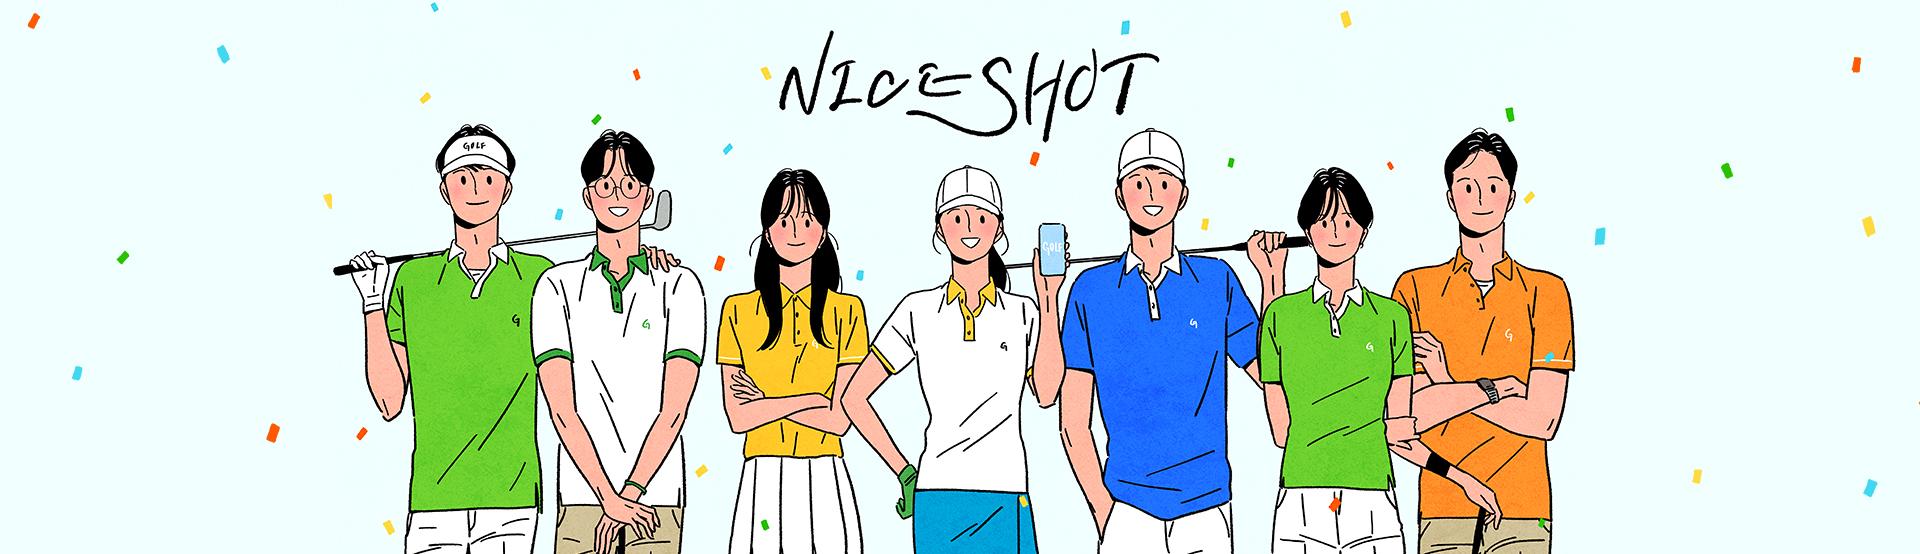 Nice Shot! (골프)